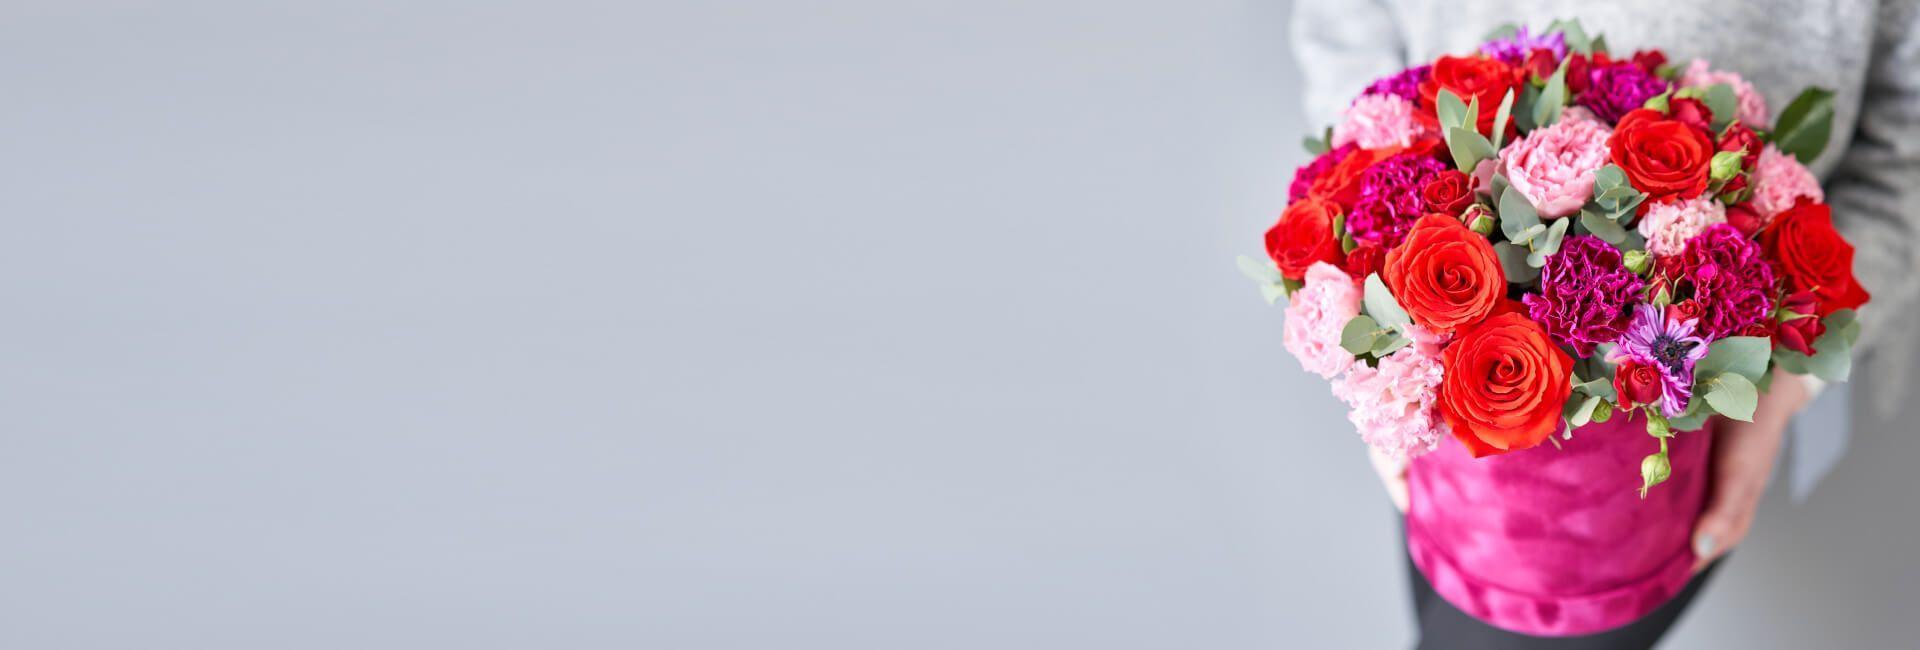 Mixed Bouquet Flower Gifts Bristol - Best in Bristol, CT